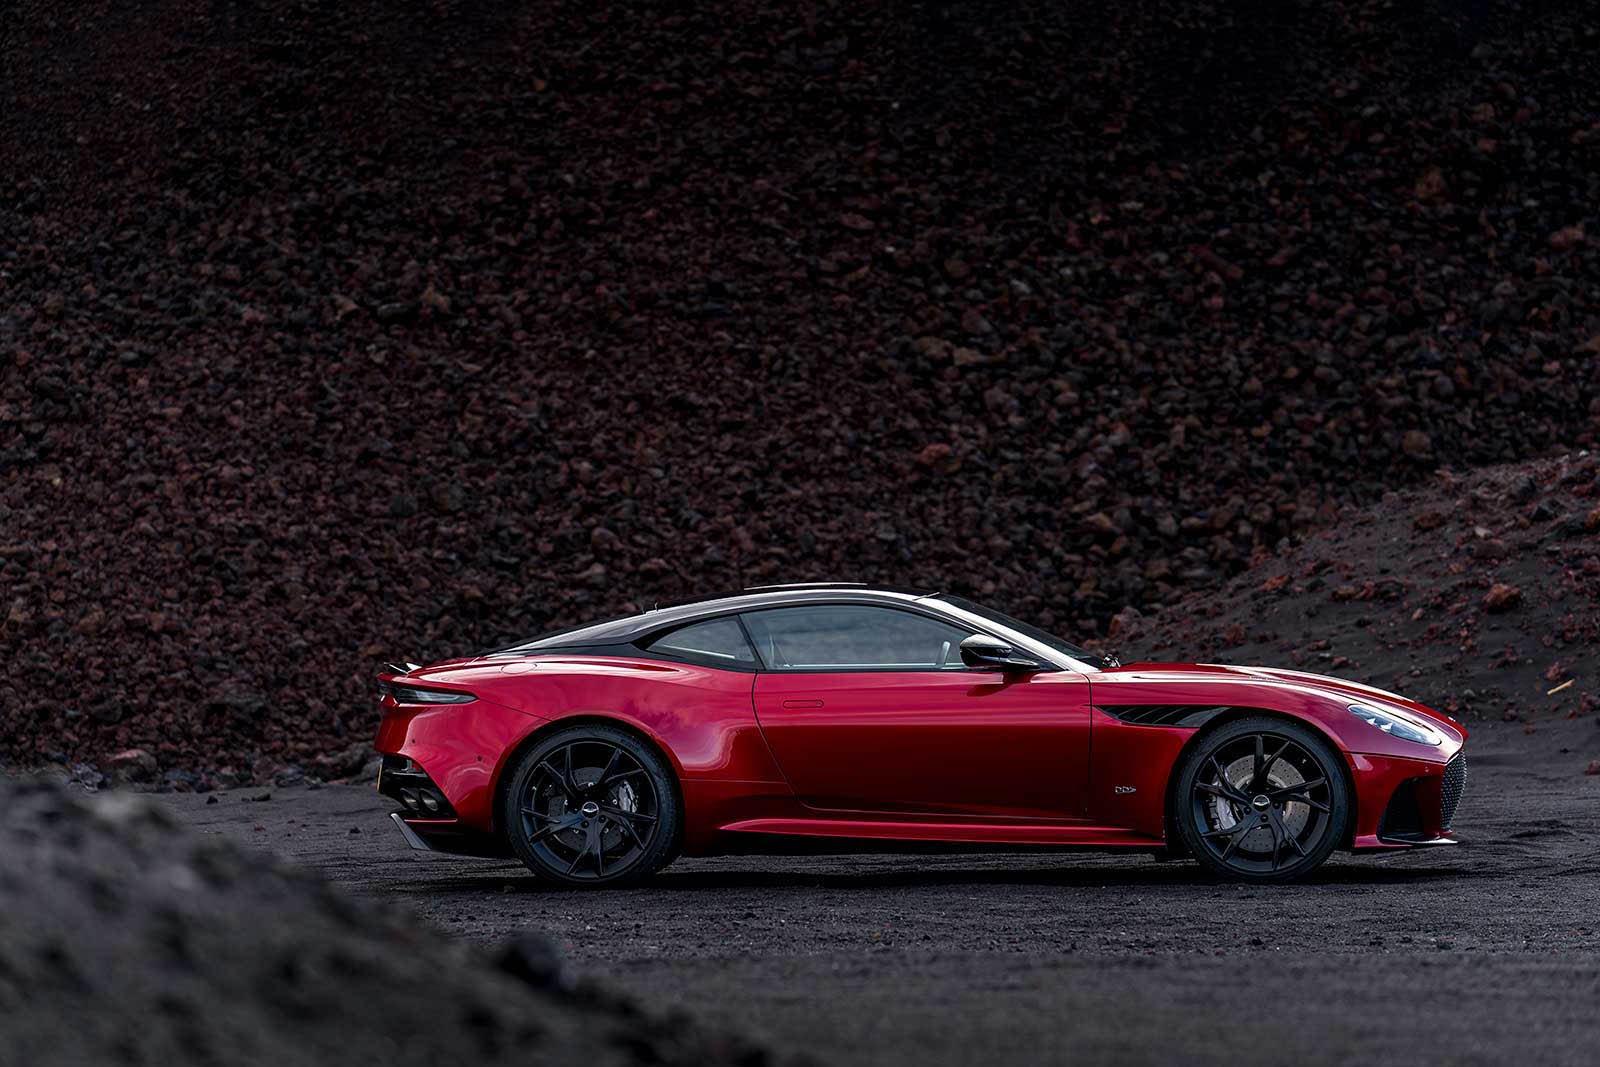 Aston Martin DBS Superleggera 2019 (12)